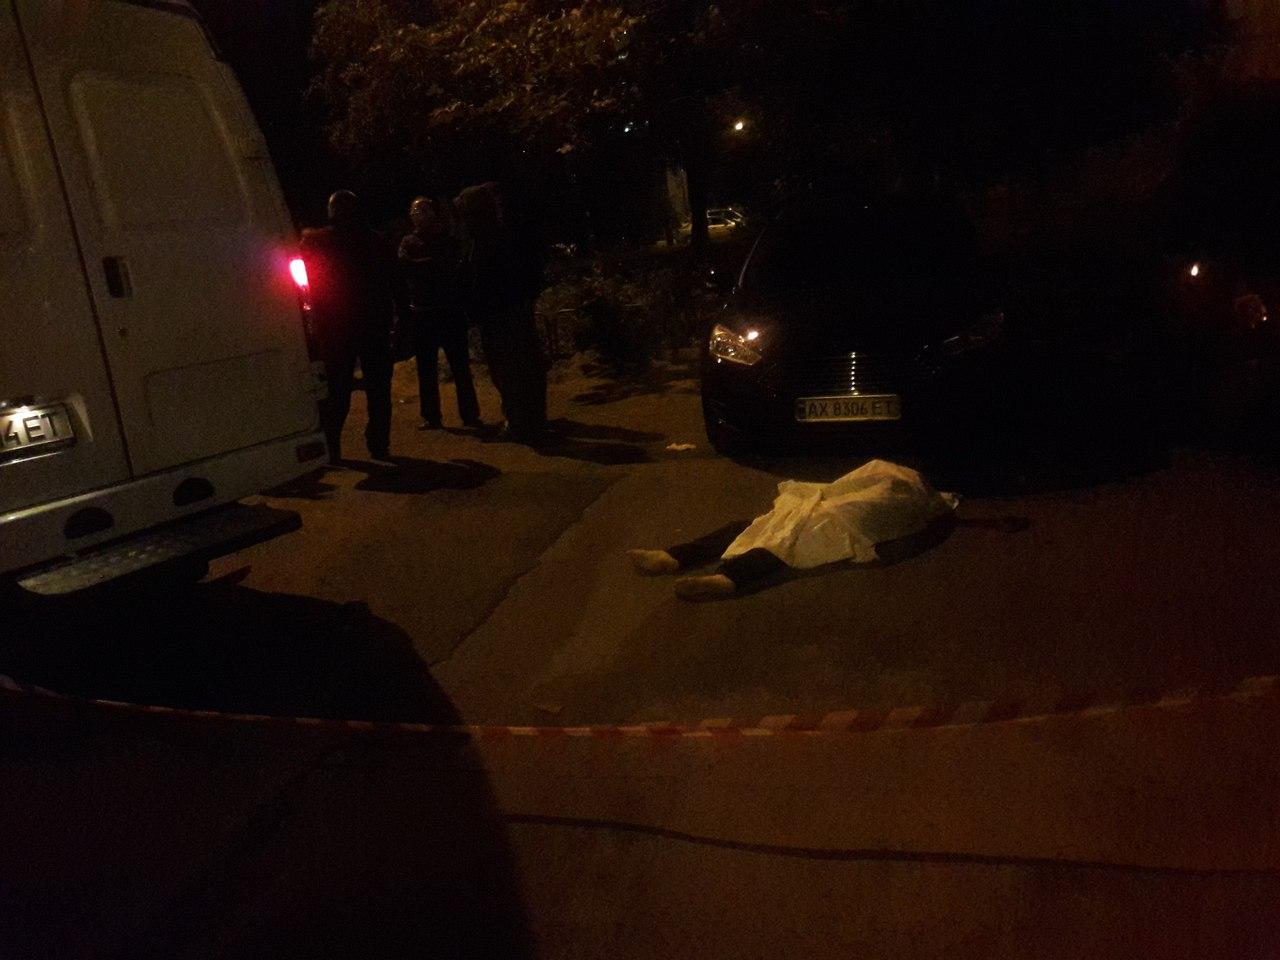 Трагедия в Харькове. Девушка покончила с собой (Дополнено)